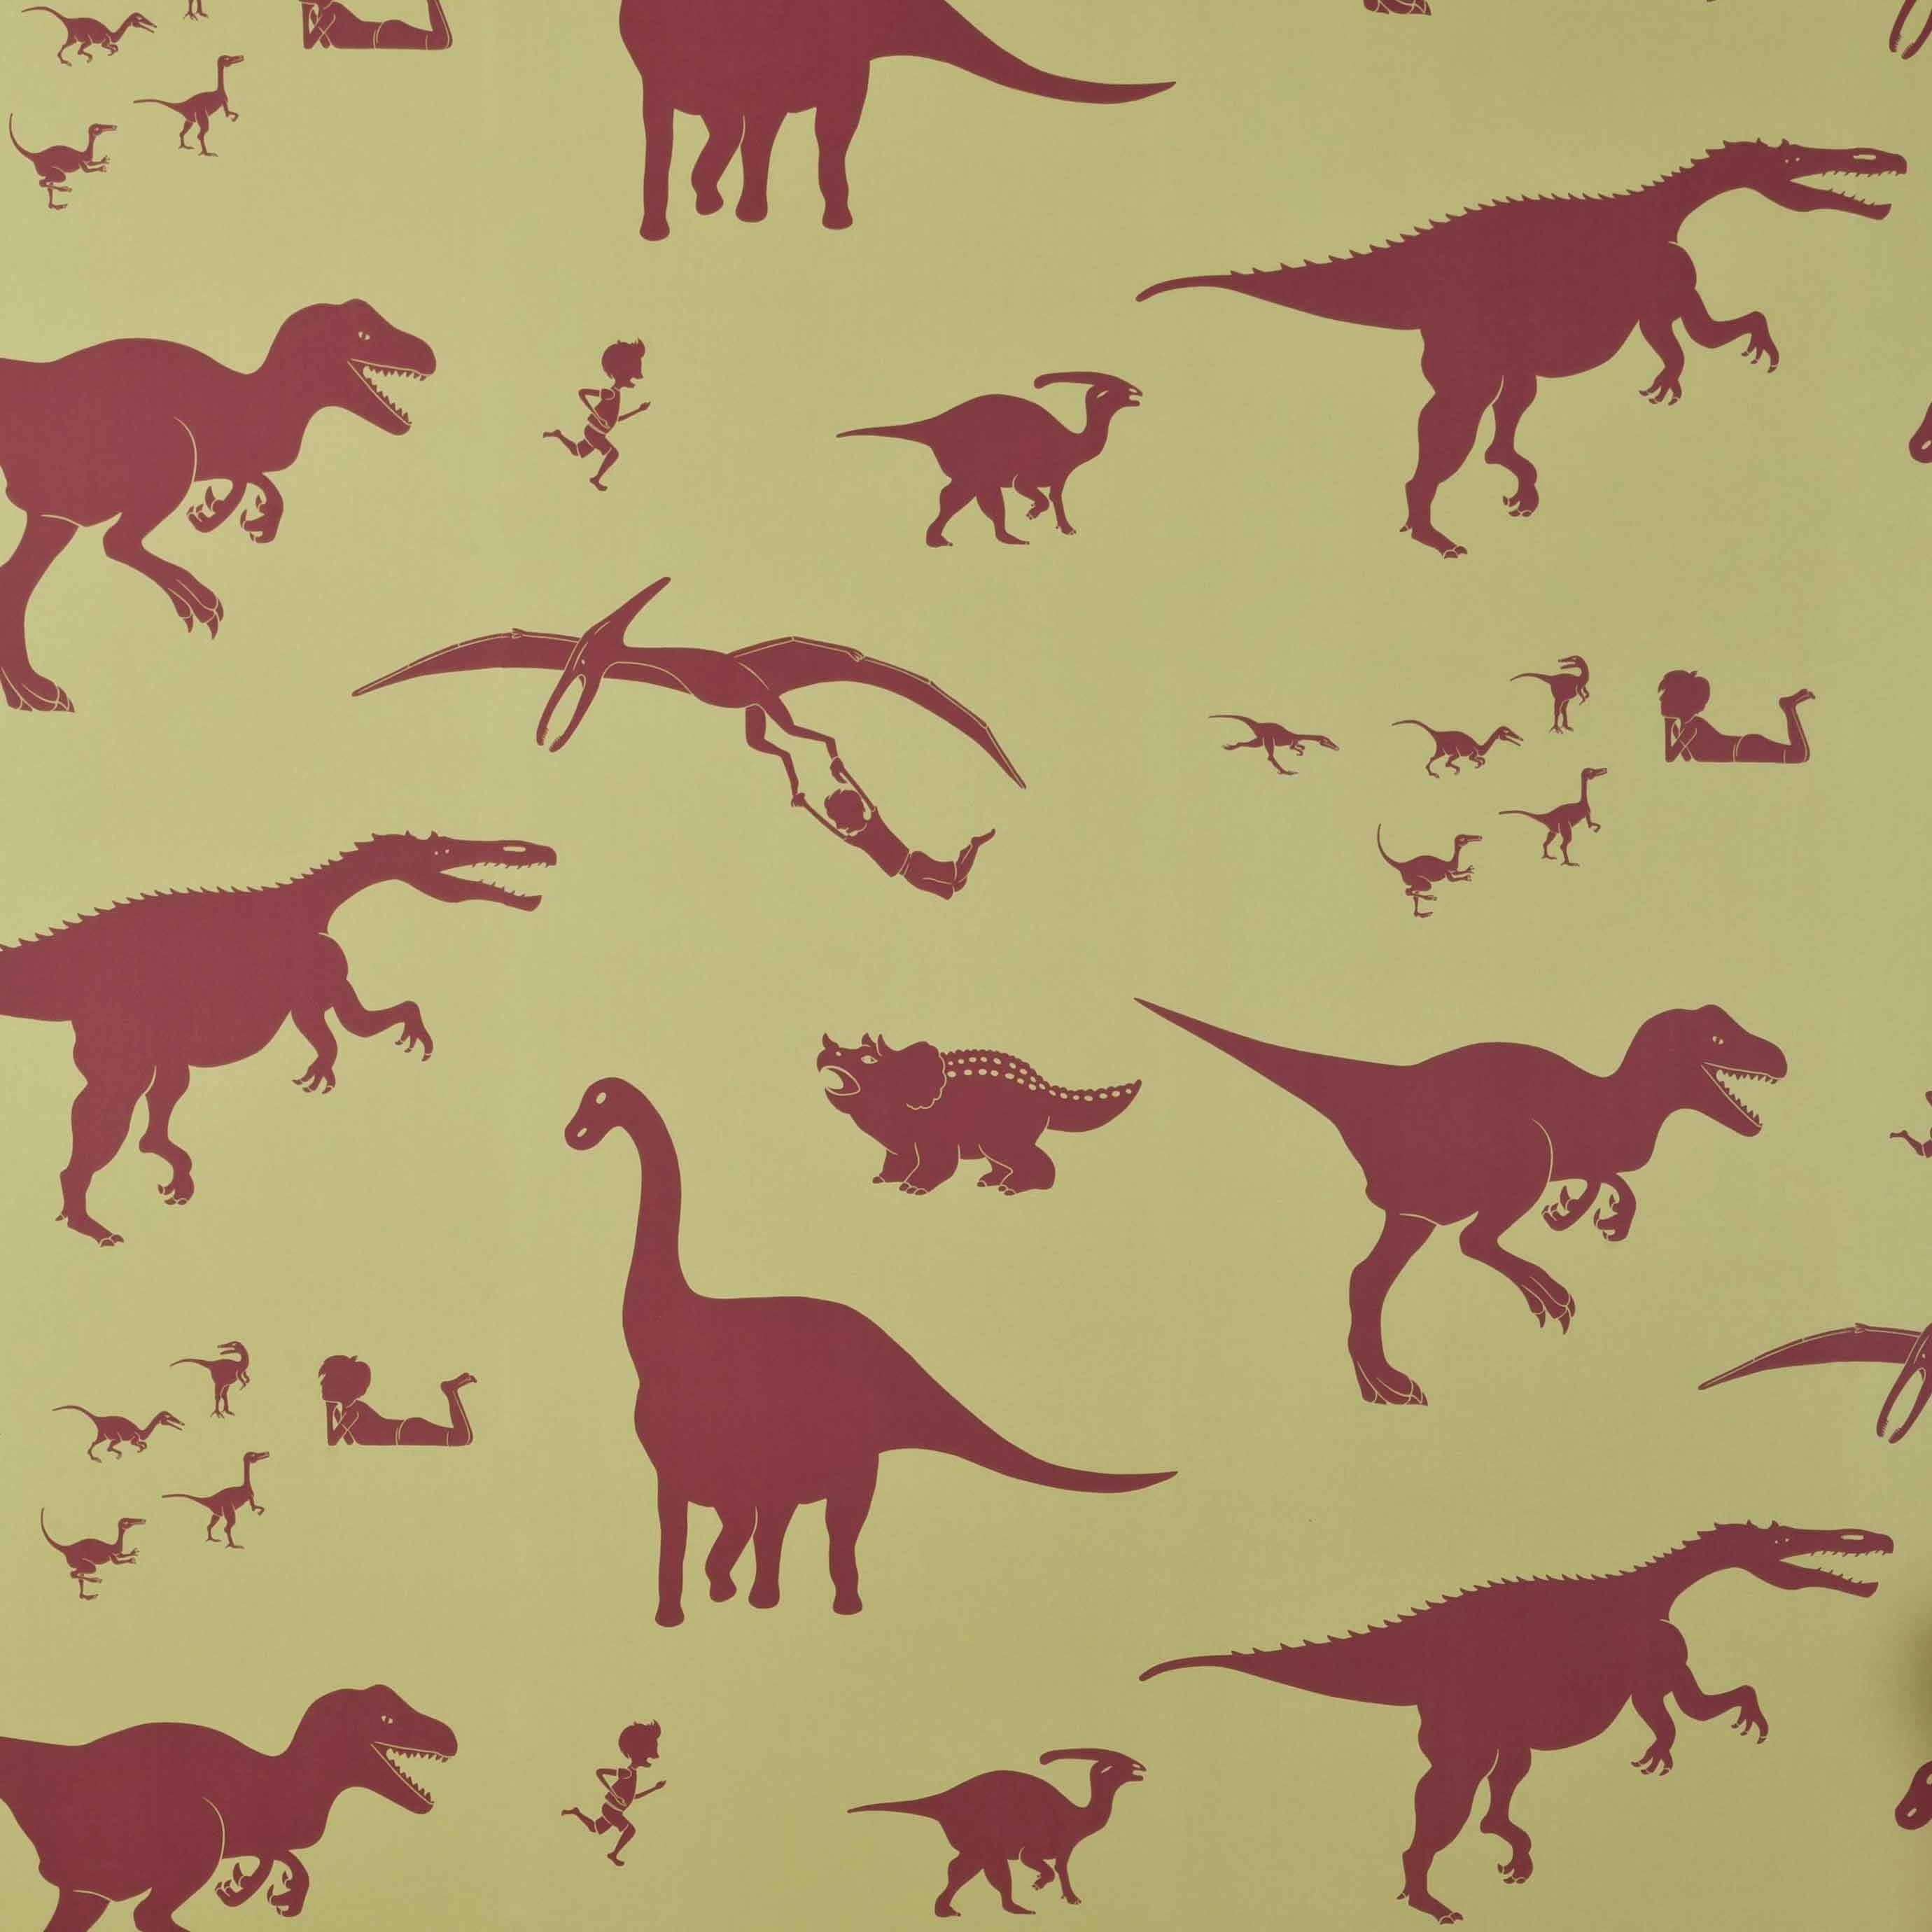 Dinosaur Wallpaper for Kids Room - WallpaperSafari